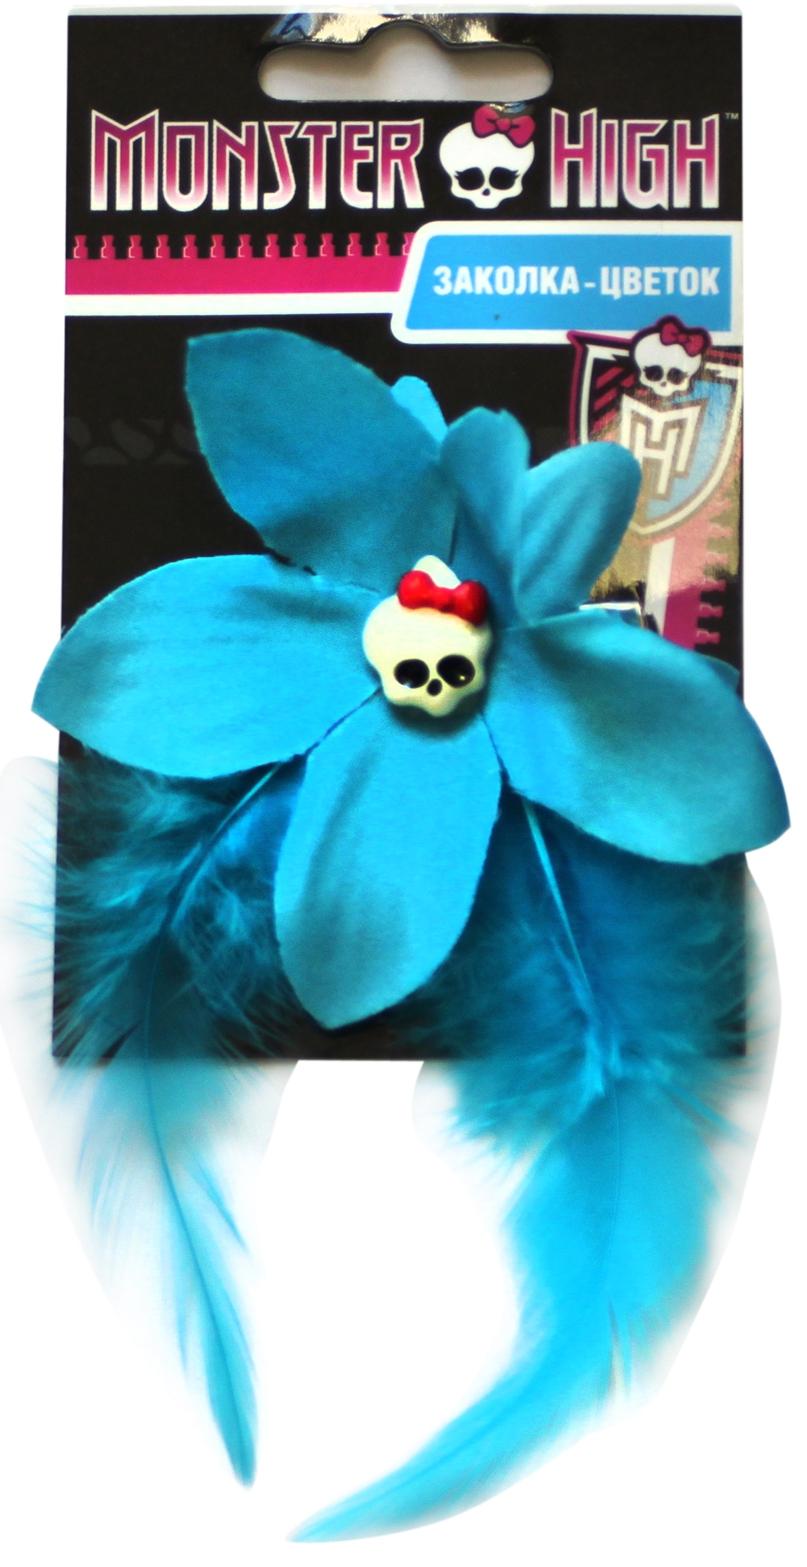 Украшения Monster High Заколка для волос Monster High «Lagoona Blue» крабы olere заколка